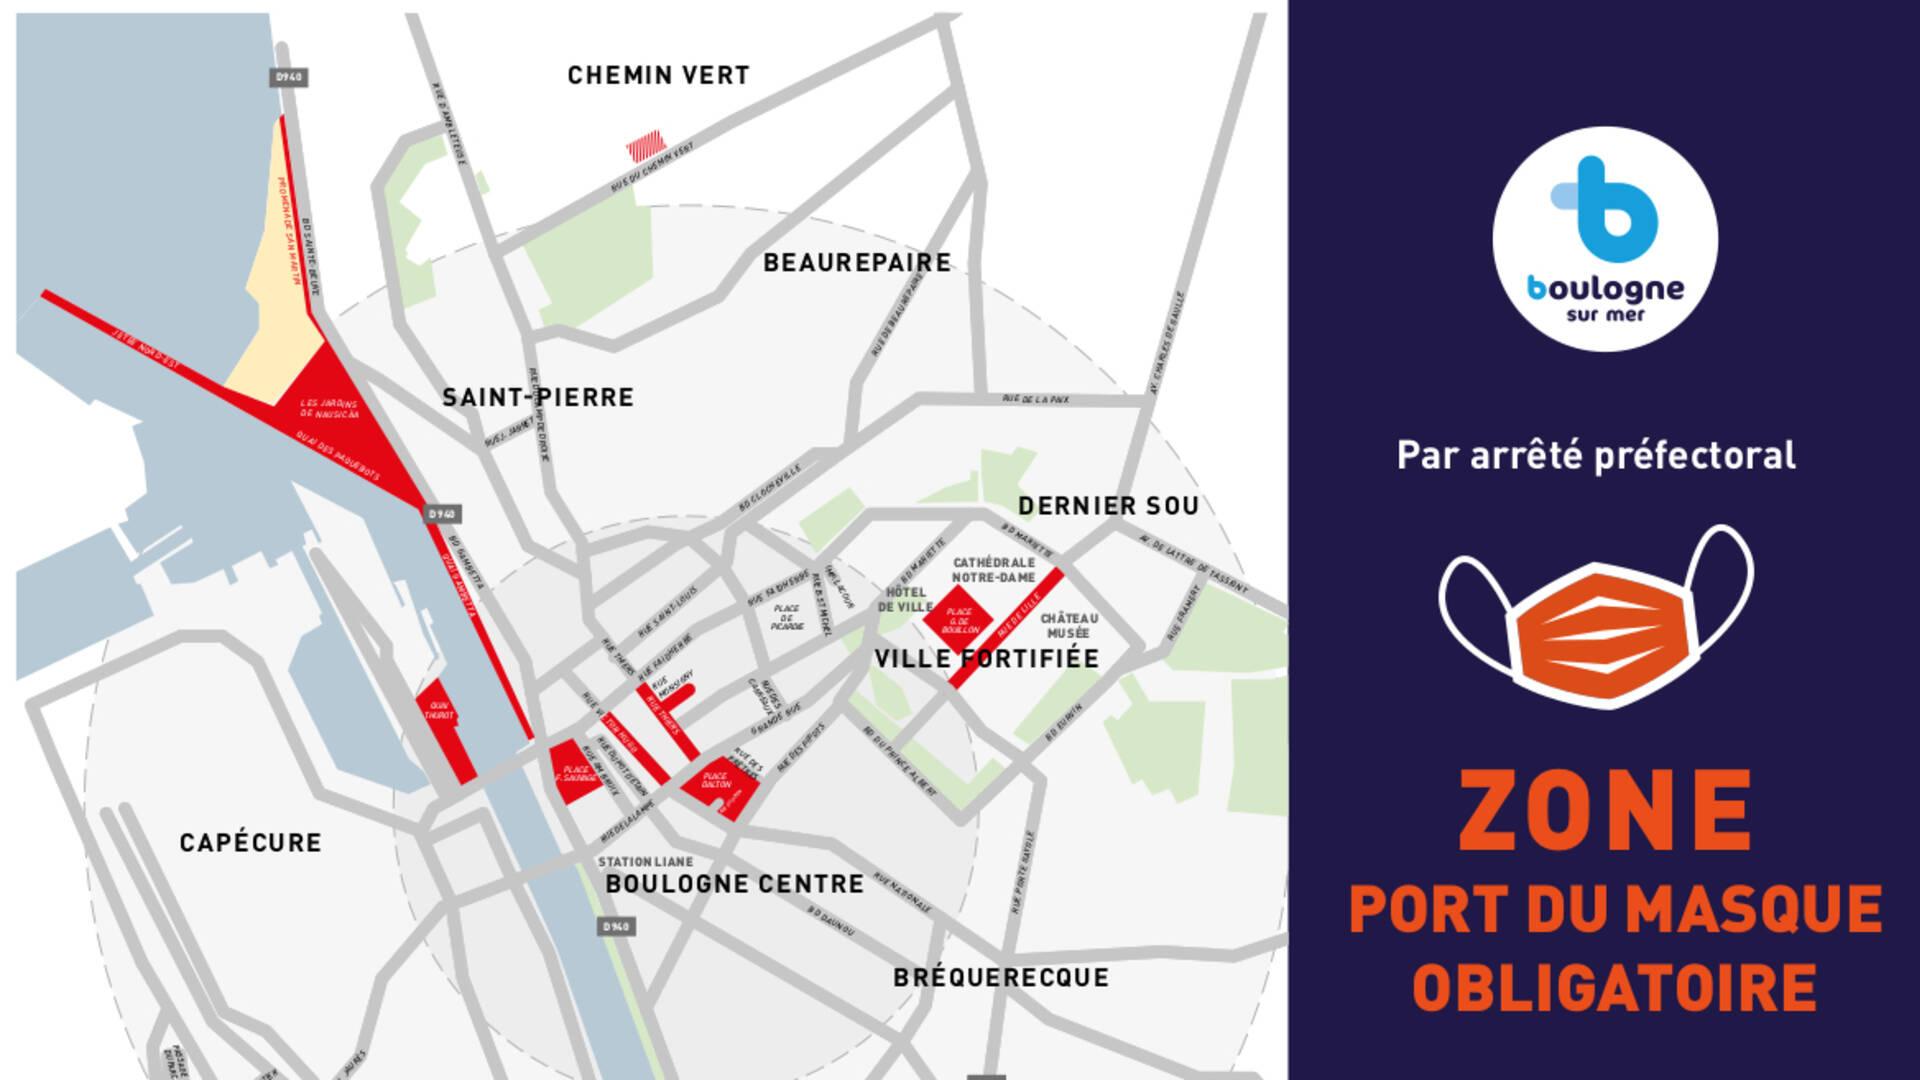 plan de Boulogne-sur-Mer où le port du masque est obligatoire